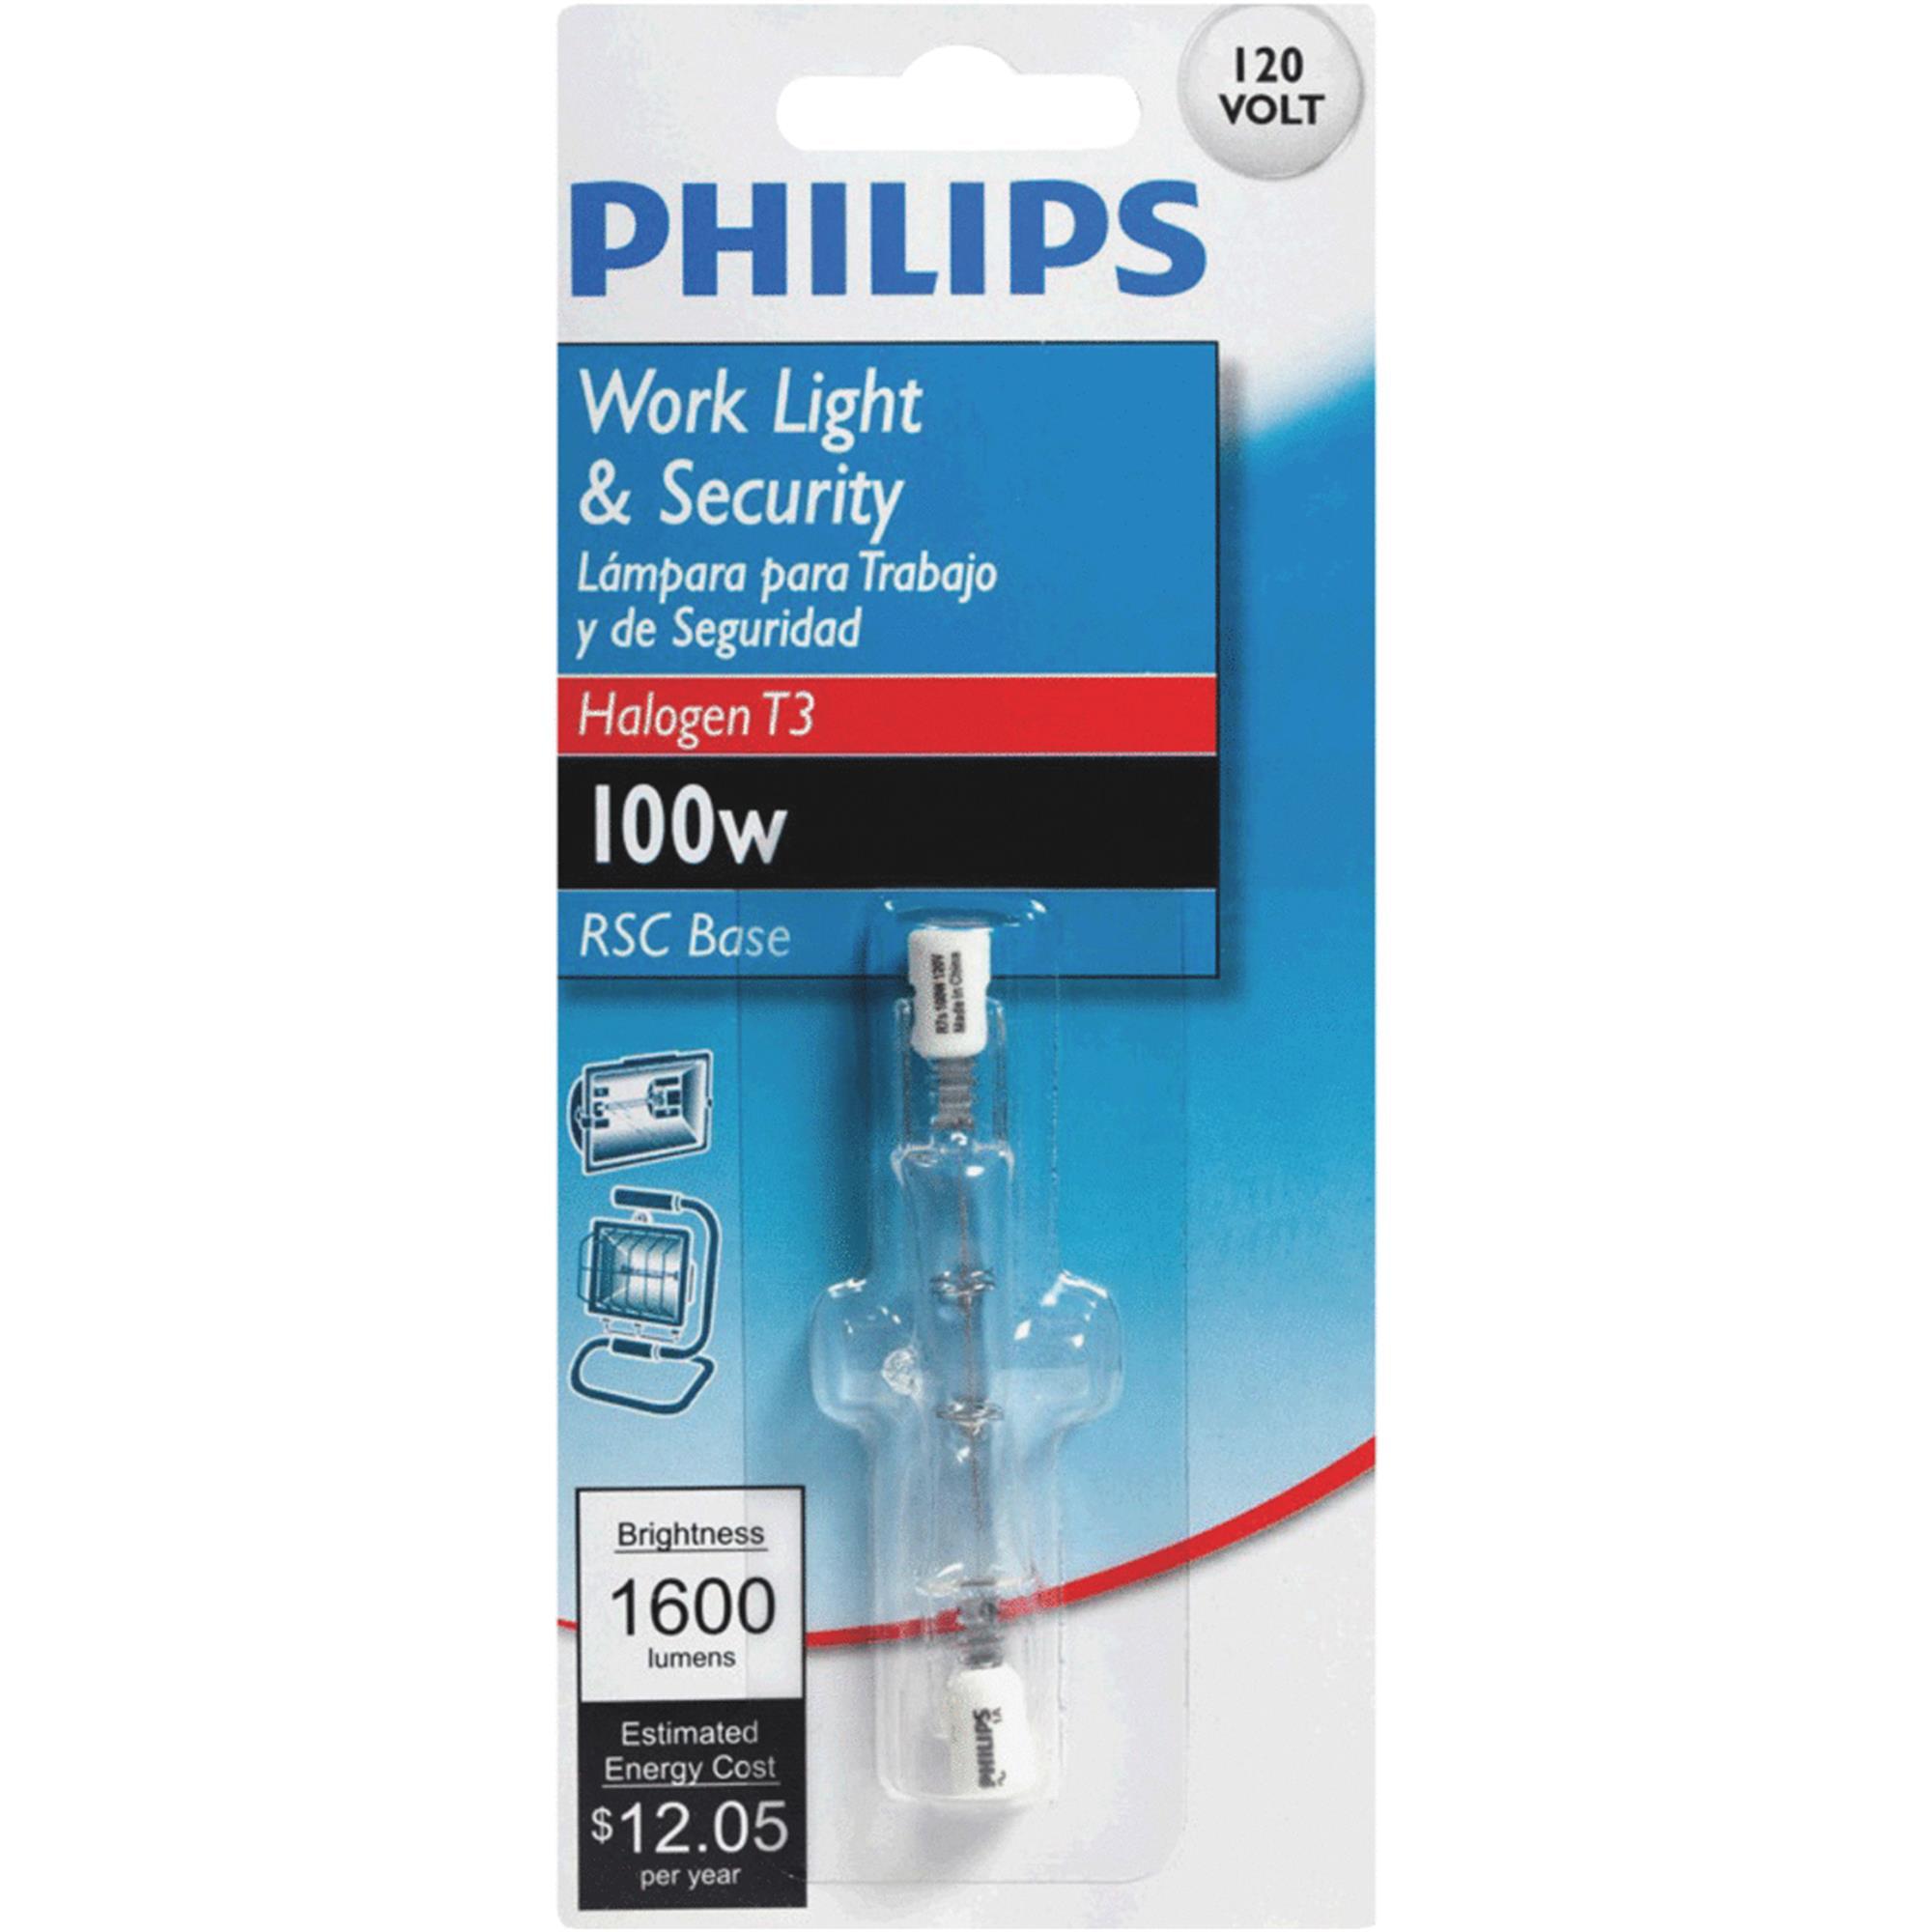 Philips T3 120V Double Ended Halogen Light Bulb